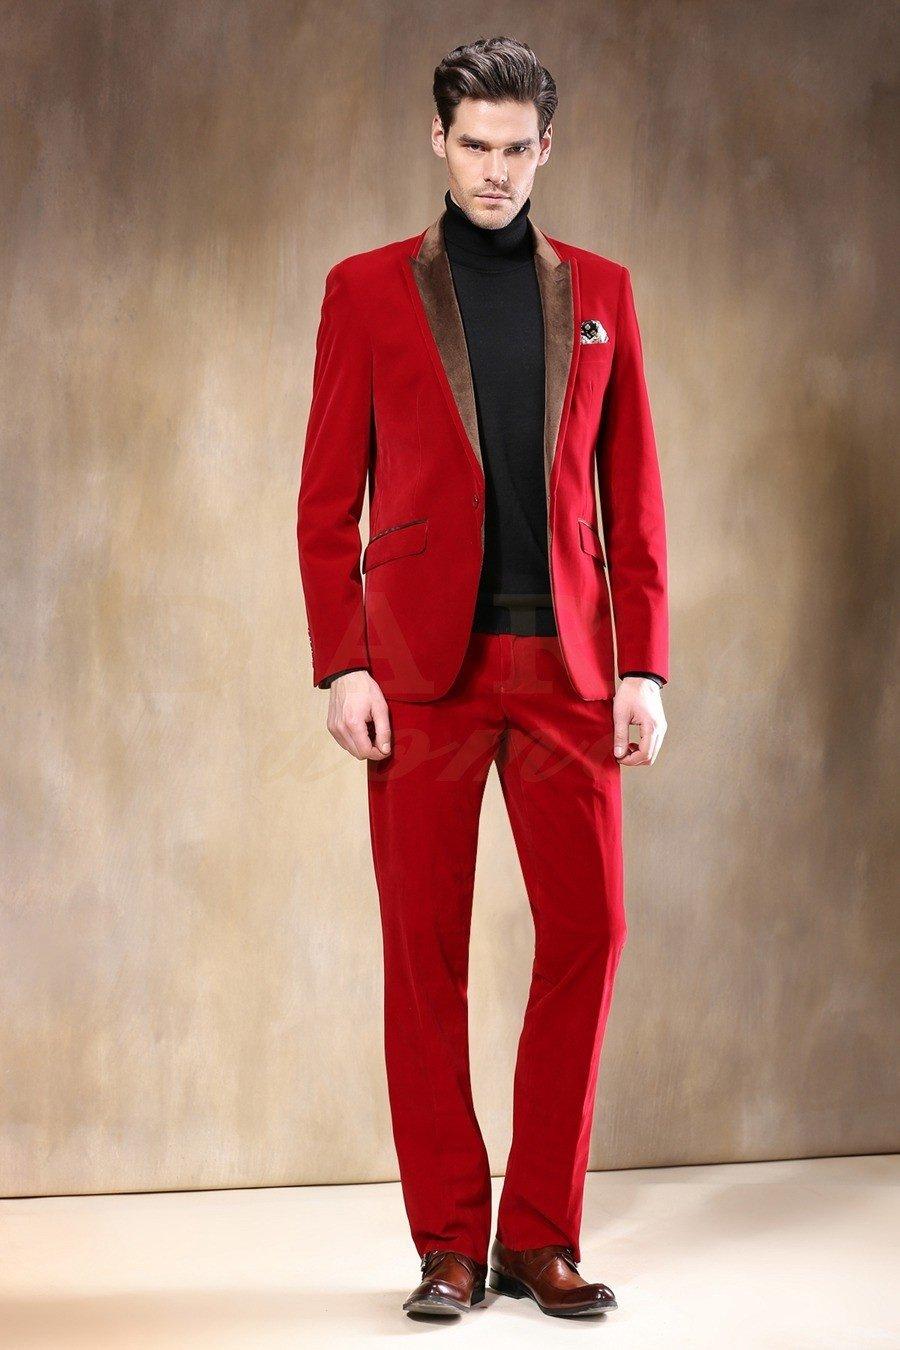 Любители красного – сильные личности с верой в свои цели